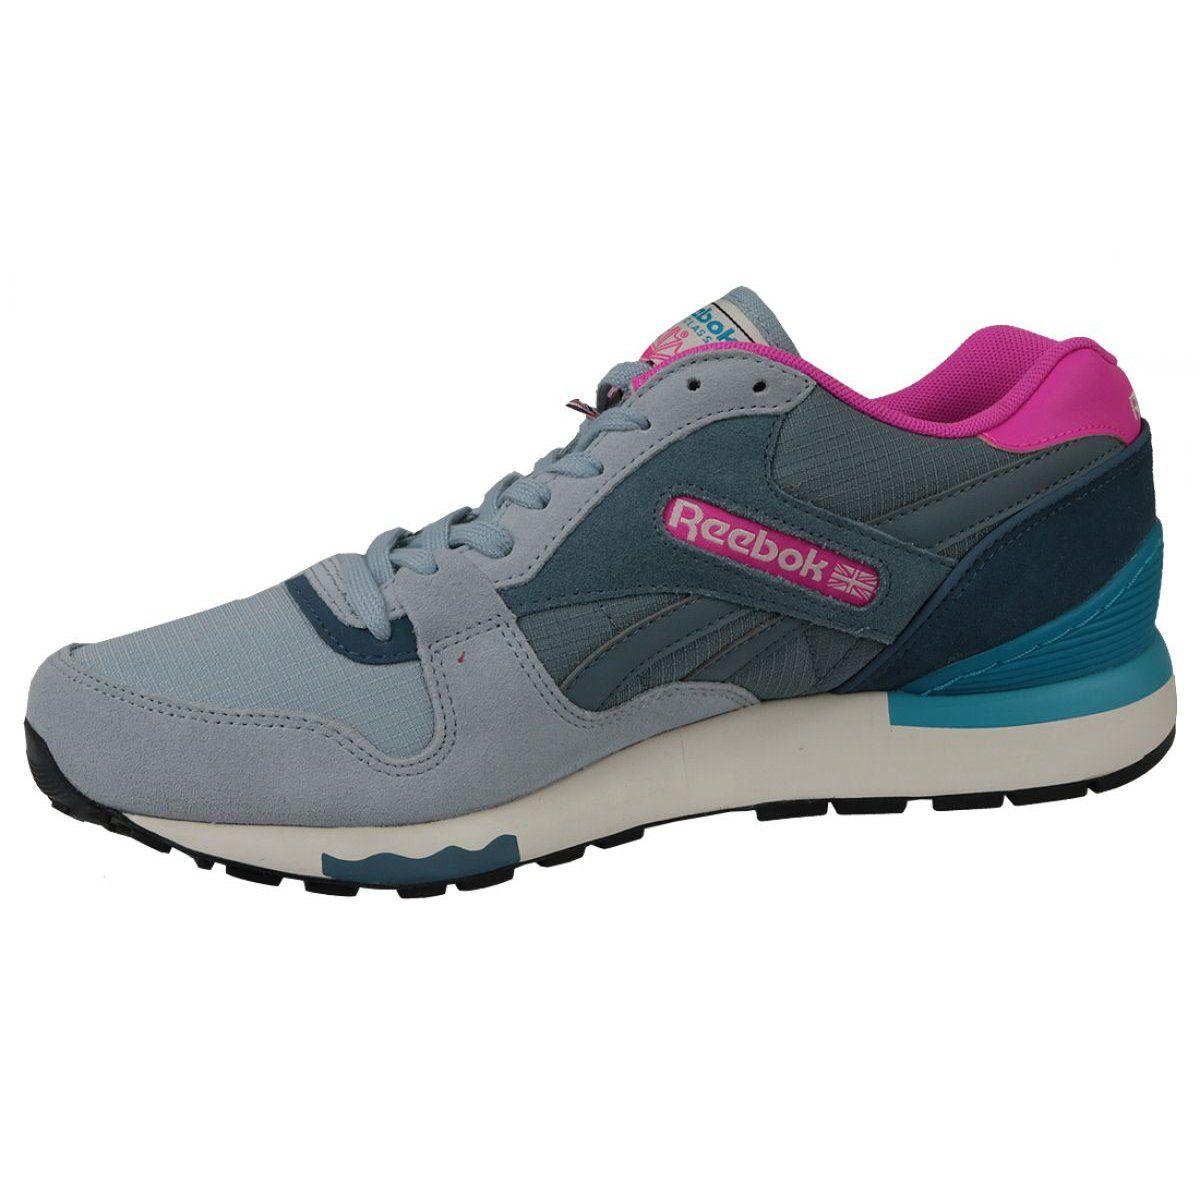 Buty Reebok Gl 6000 Out Color W Bd1579 Szare Sport Shoes Women Sports Footwear Reebok